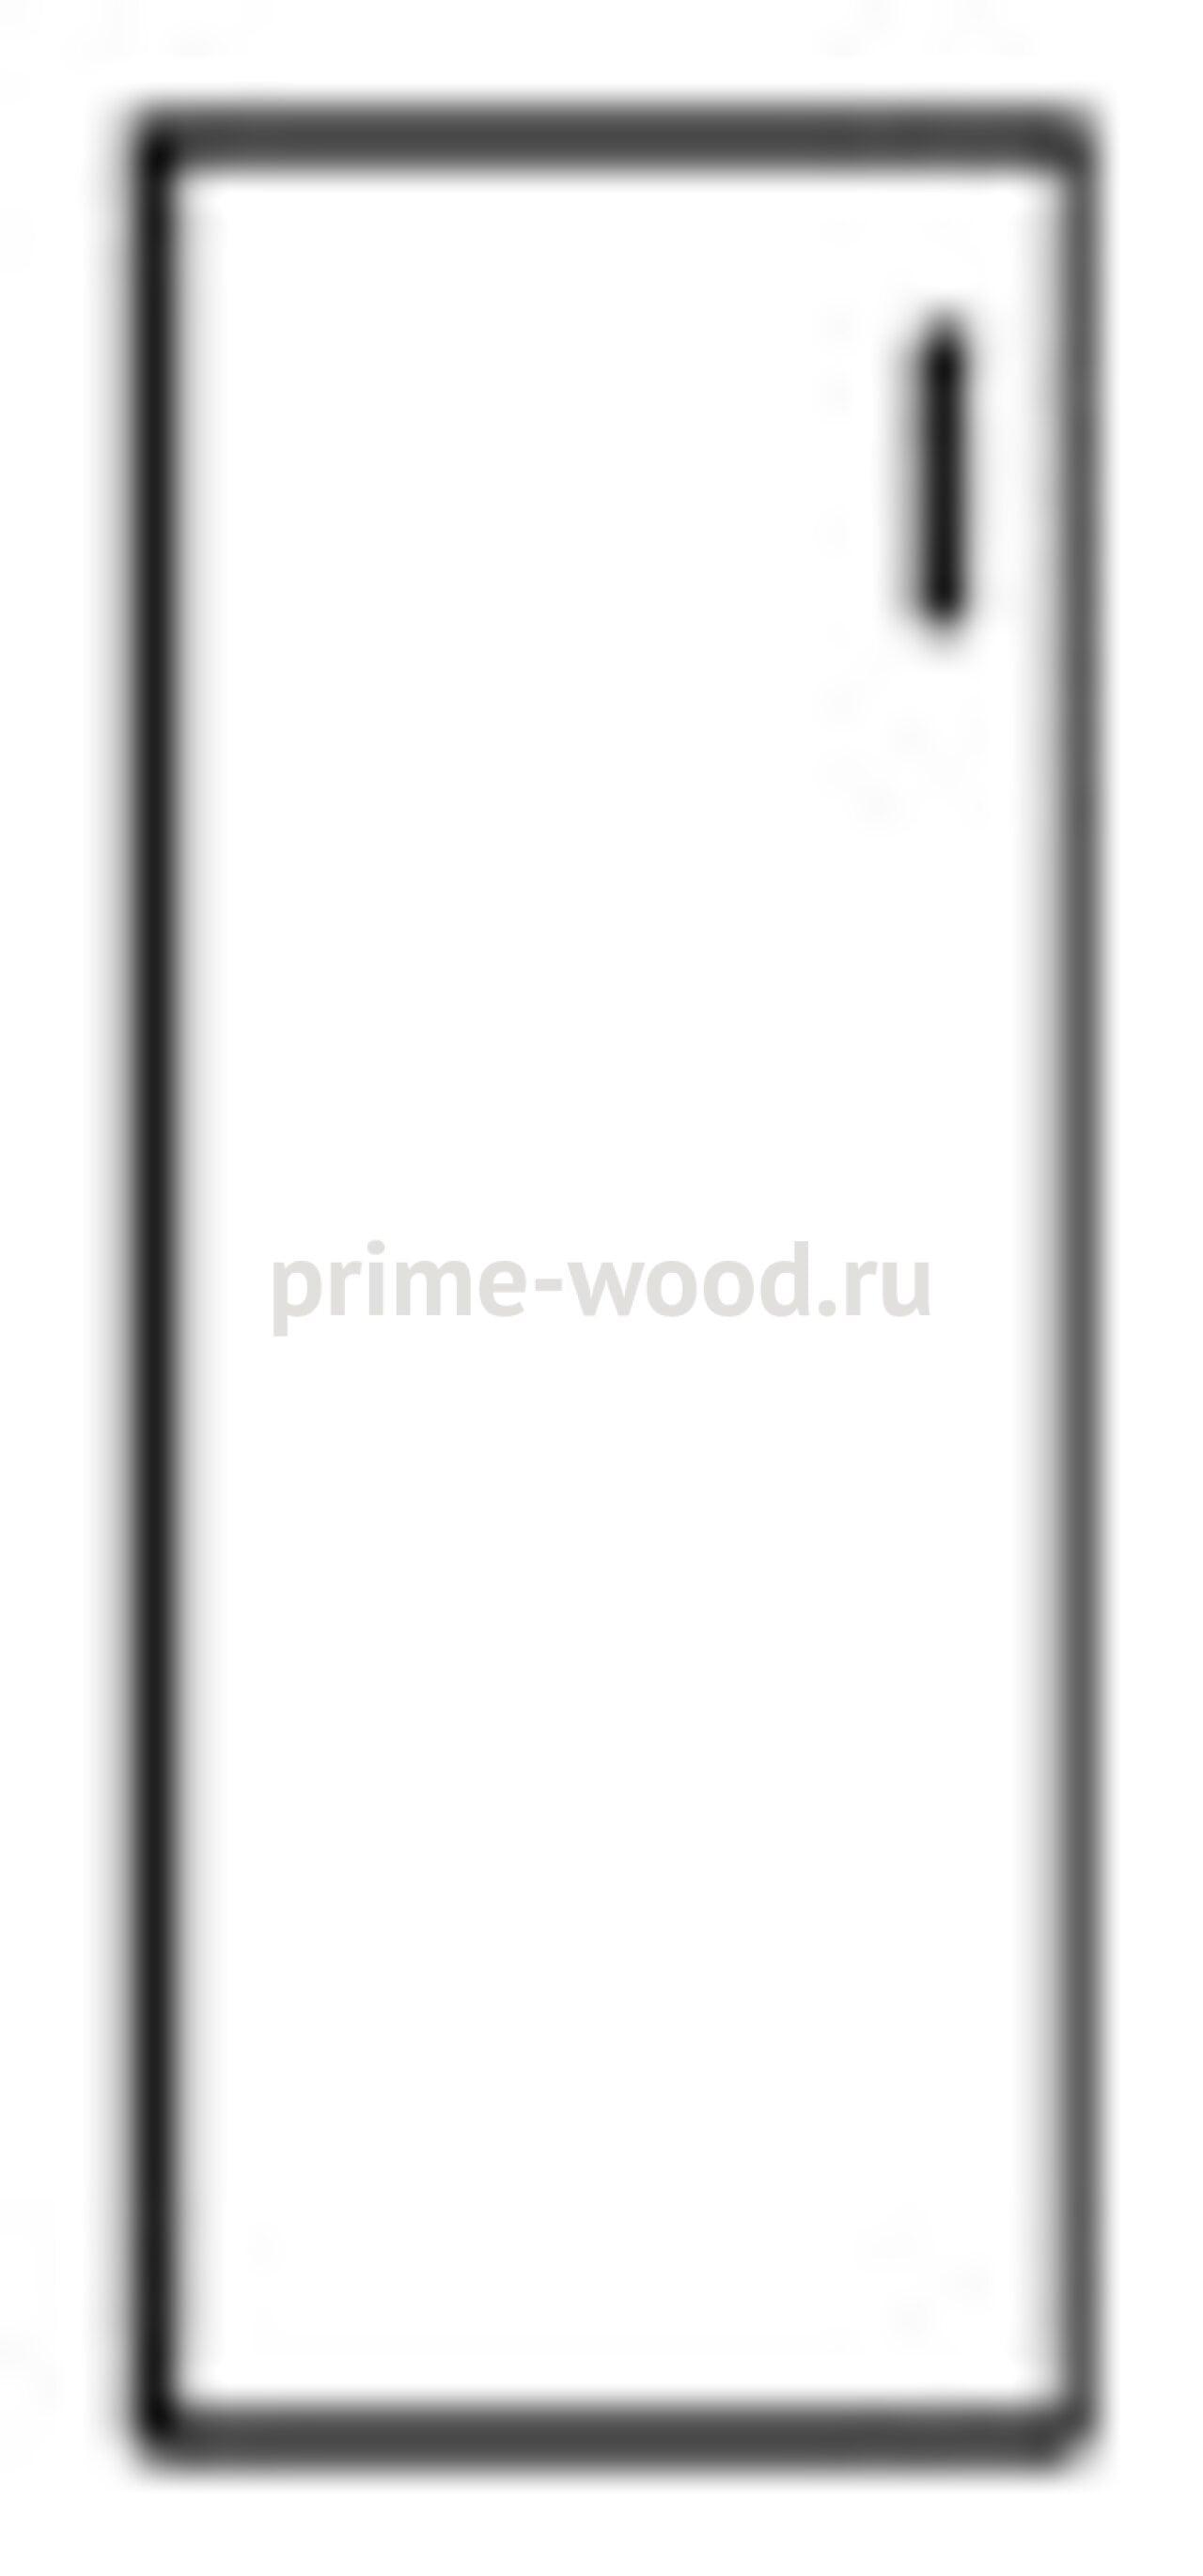 Дверь для стеллажа  IMAGO-S 37x2x116 - фото 1